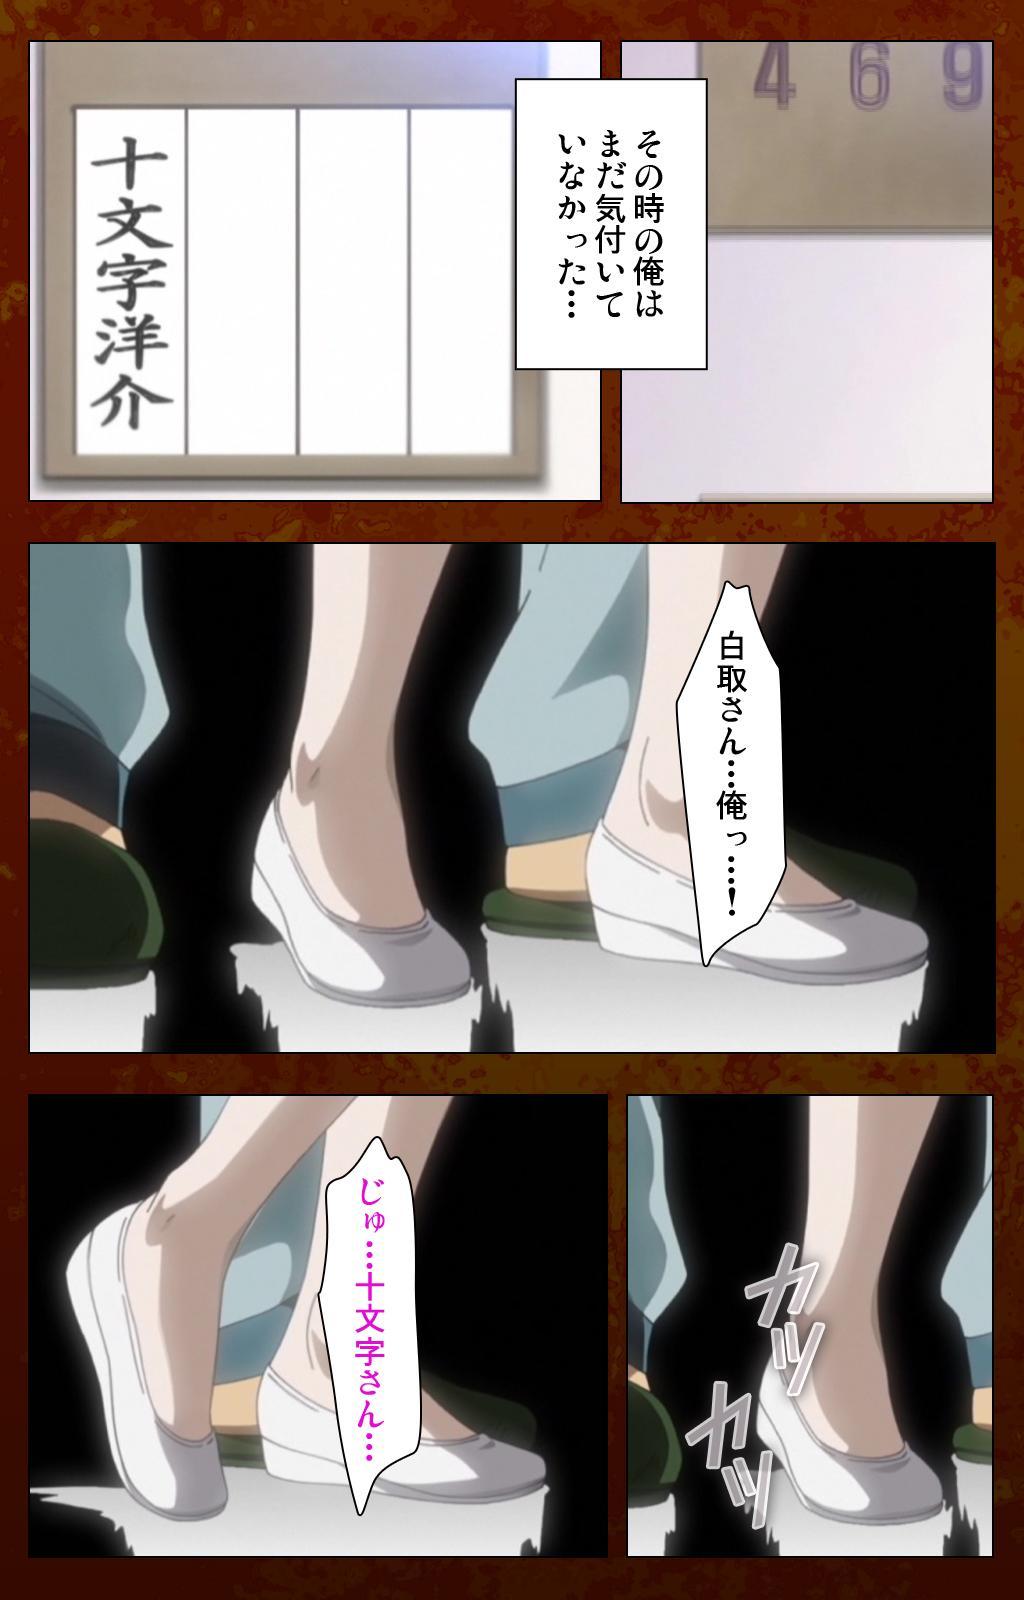 Anata no Shiranai Kangofu Zenpen Complete Ban 15